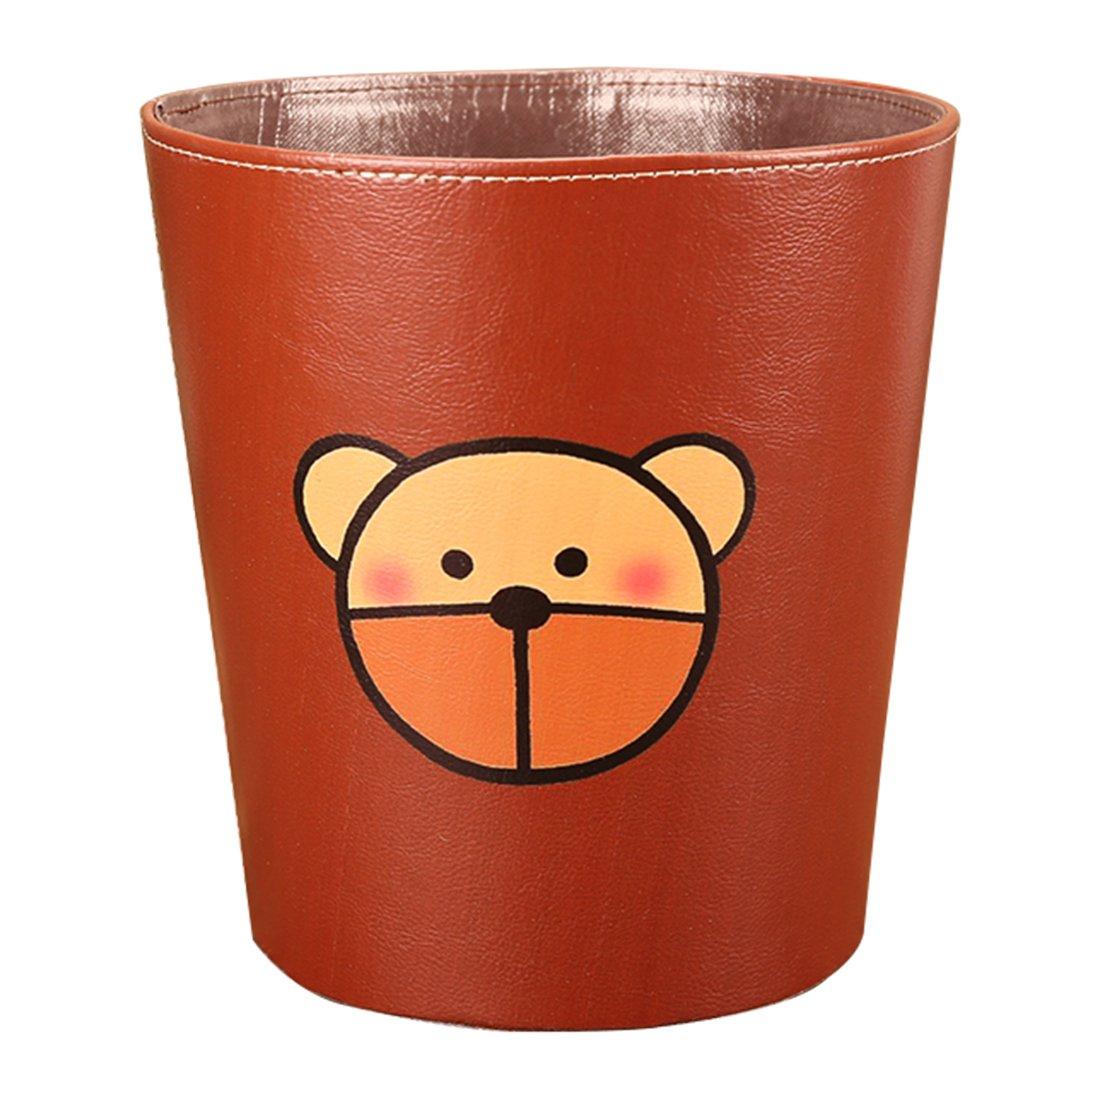 Paper Bin, Foxom Waterproof PU Leather Children's Bedroom Waste Paper Bin Trash Can Garbage Bin Wastebasket (Pattern-1)